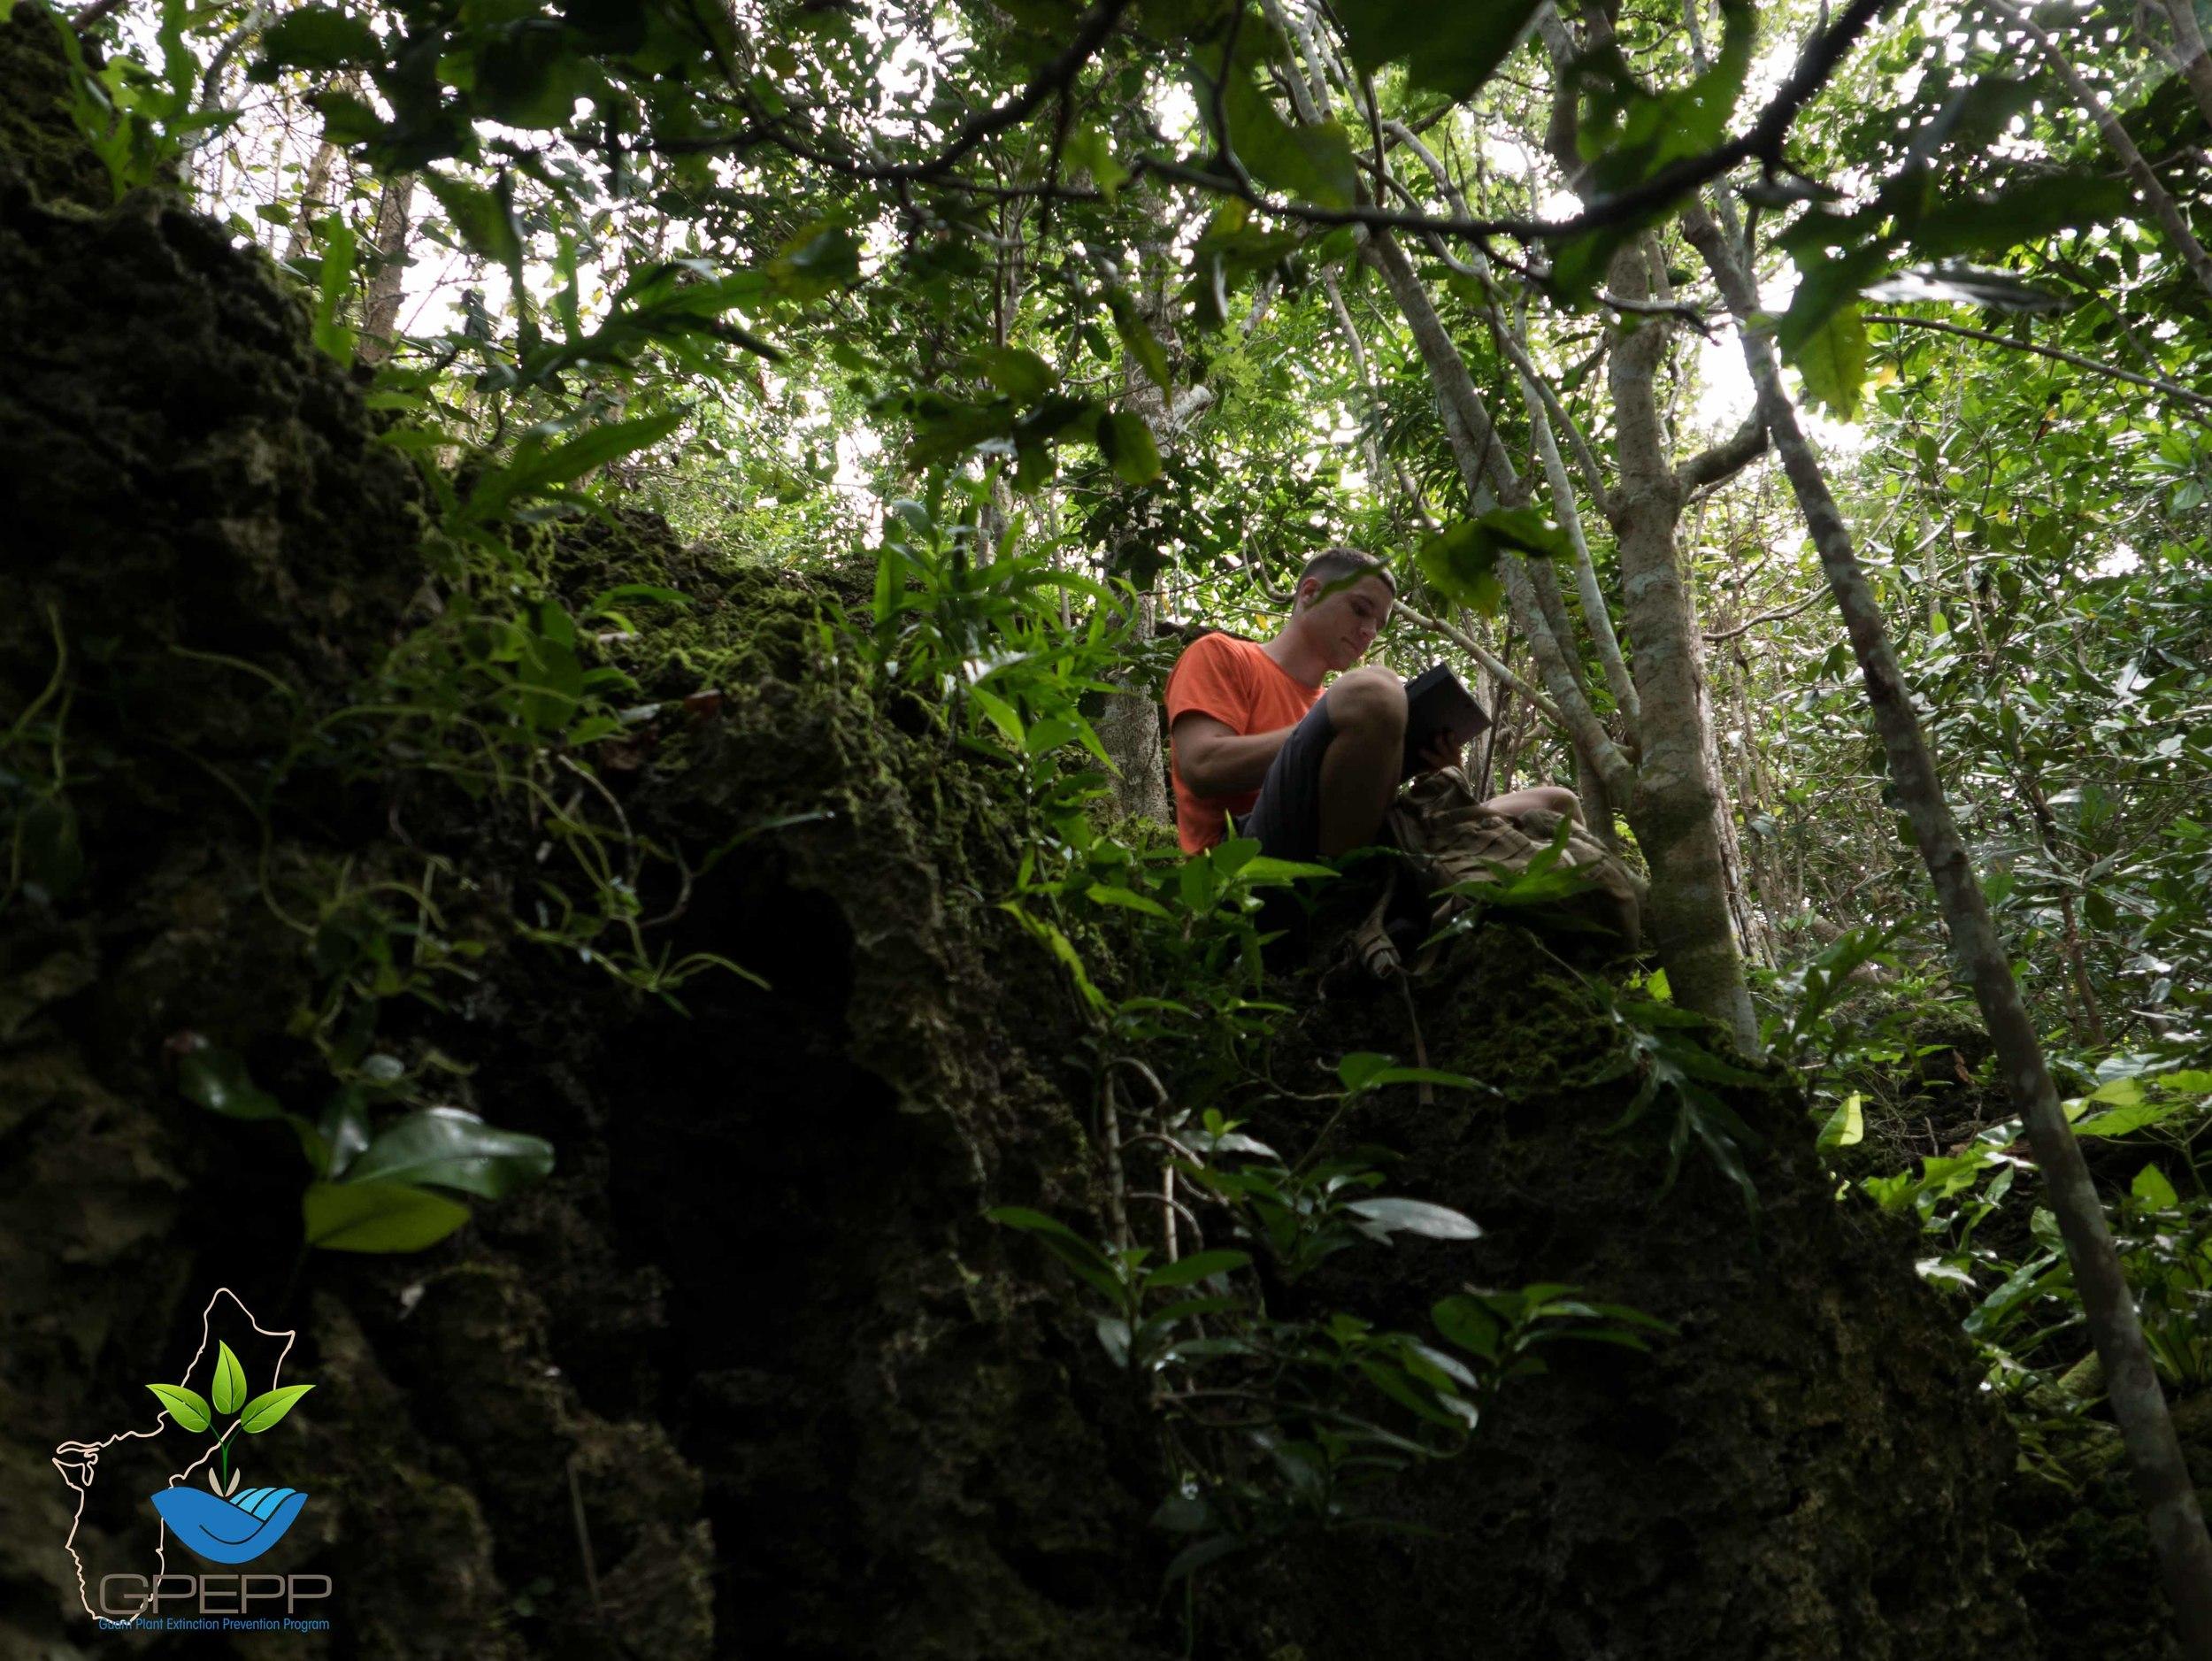 Mario recording rare plant species data